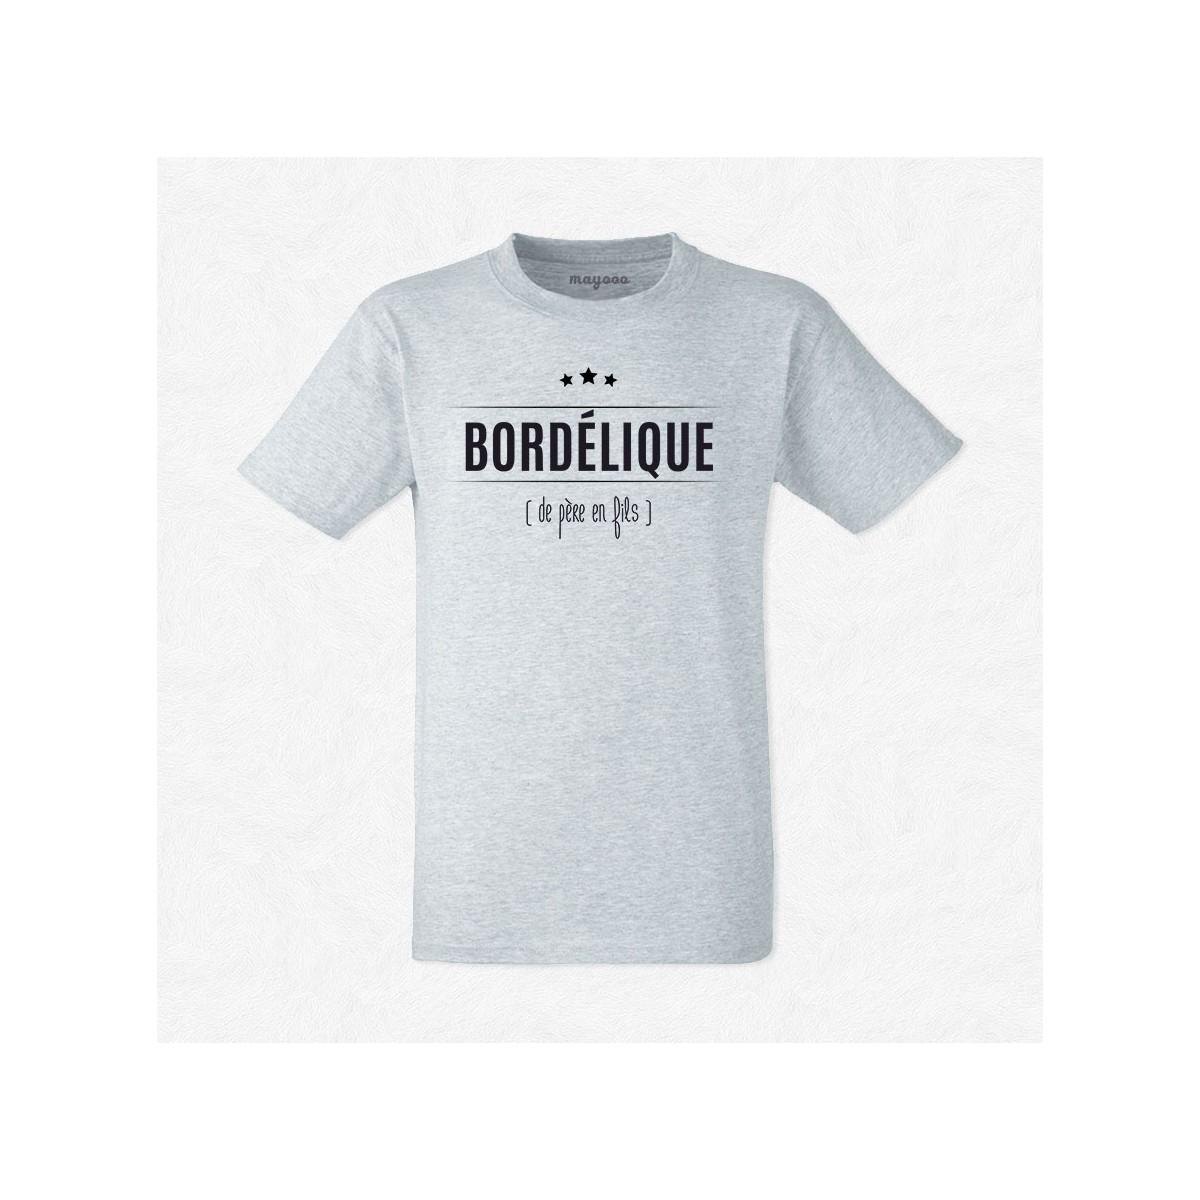 T-shirt Bordélique...de père en fils